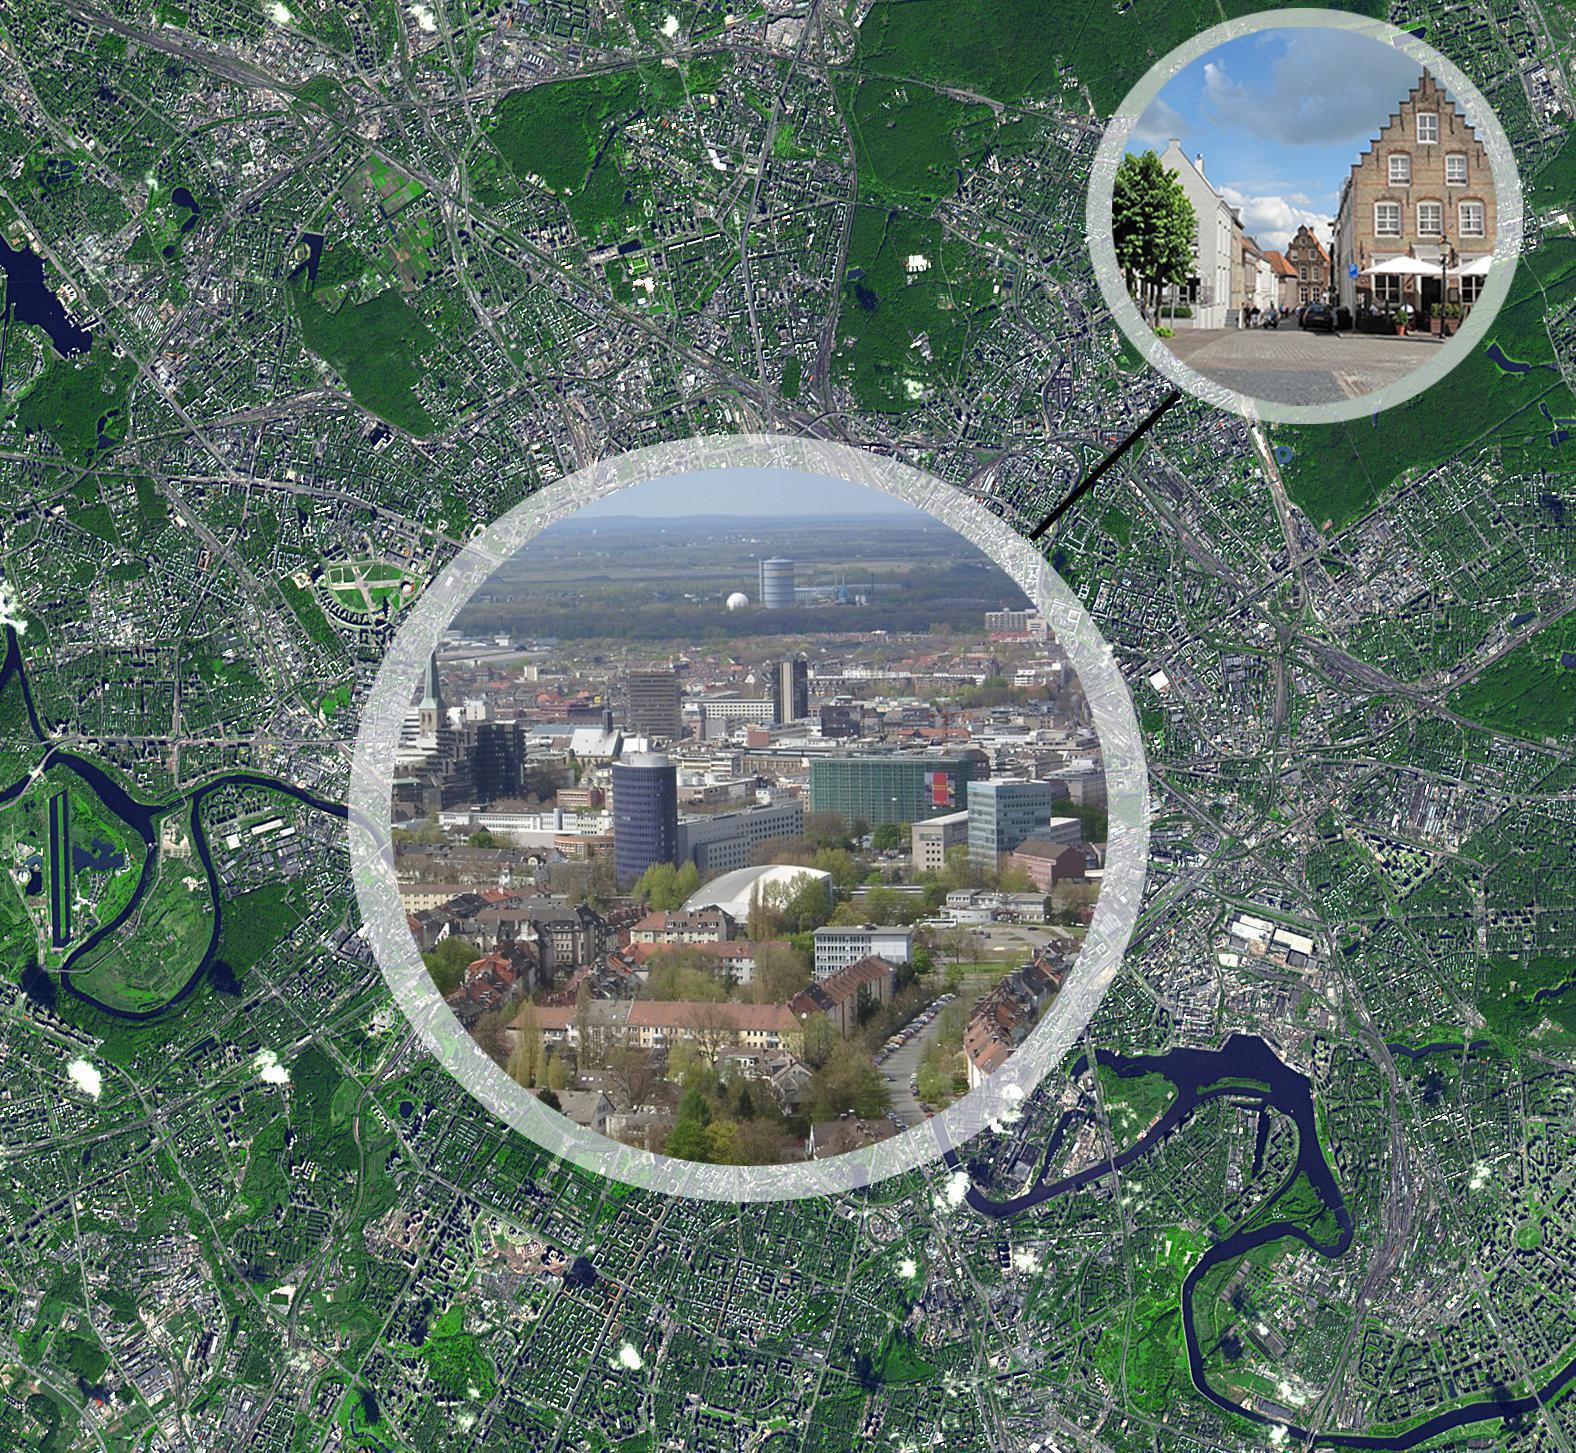 Als je mocht kiezen… - De steden raken overvol! Er zijn maar weinig betaalbare (huur)woningen beschikbaar in de grote steden. Daarom vragen wij ons af: als jij naar het linker plaatje kijkt; zou jij bereid zijn om in een stedelijke regio te wonen waarbij je slechts een paar kilometer verwijderd bent van de stad?